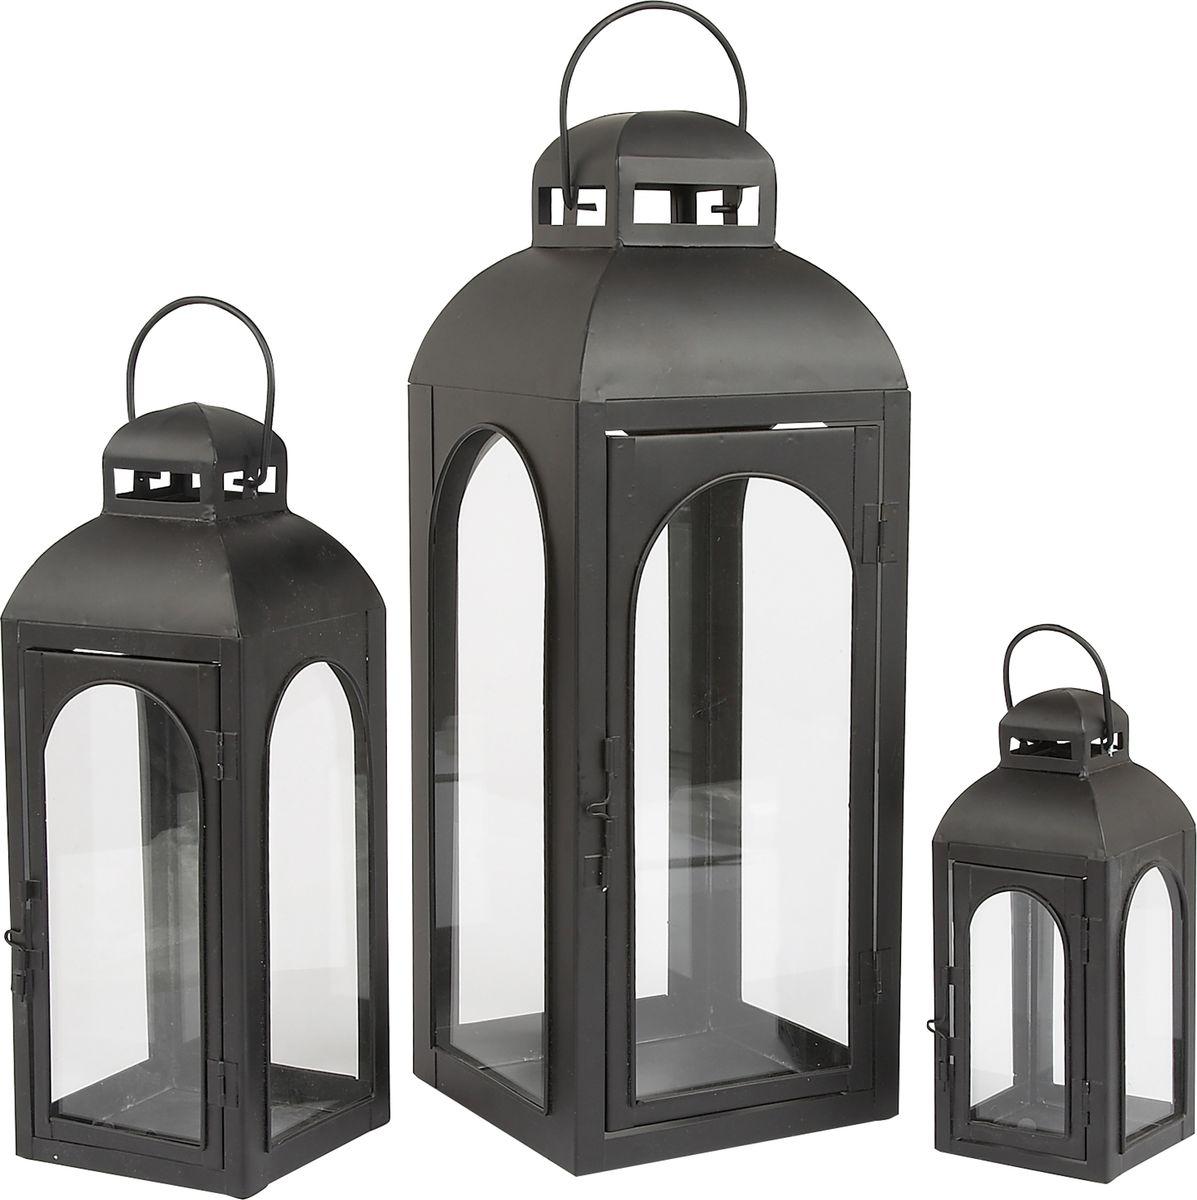 Набор фонарей Gardman, 3 шт, 45 см, 32 см, 20 см09840-20.000.00Набор из трех подсвечников станет прекрасным украшением вашего дома или сада. Подходит для чайных и прямых свечей. Свечи в комплект не включены.